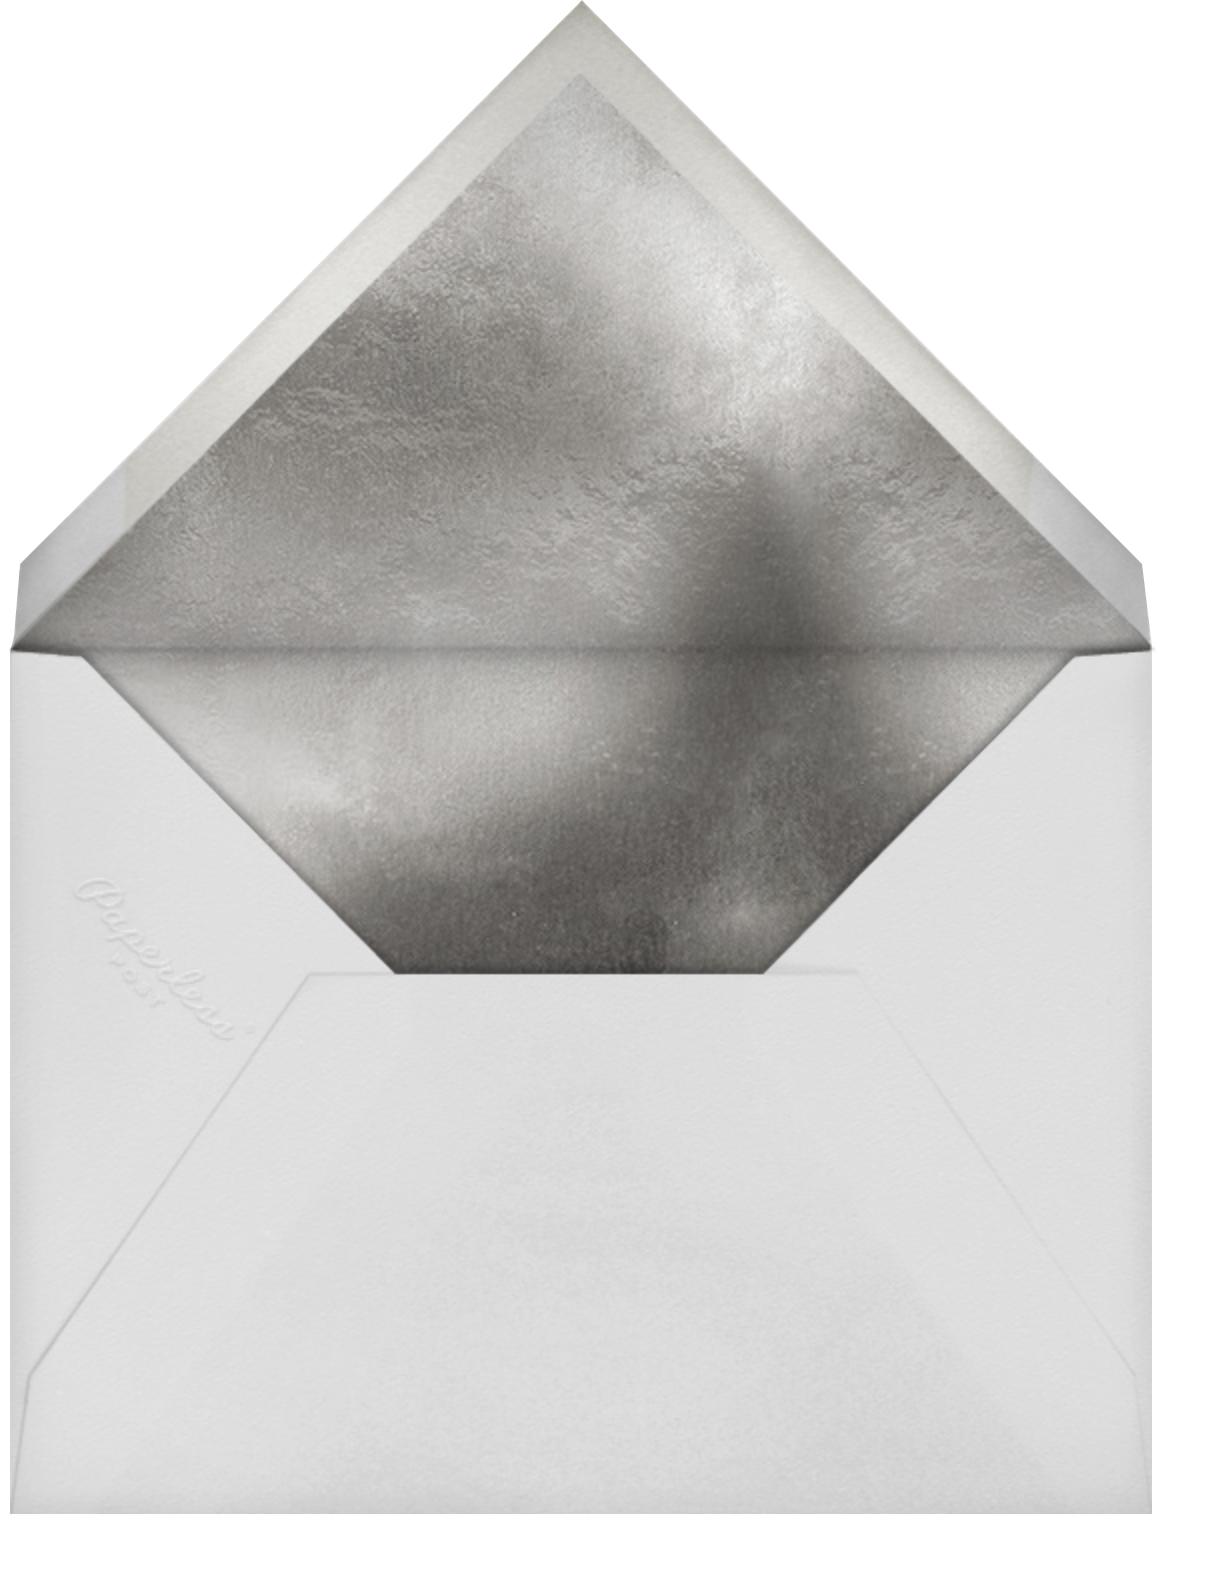 Sky Glitter - White - kate spade new york - Christmas party - envelope back